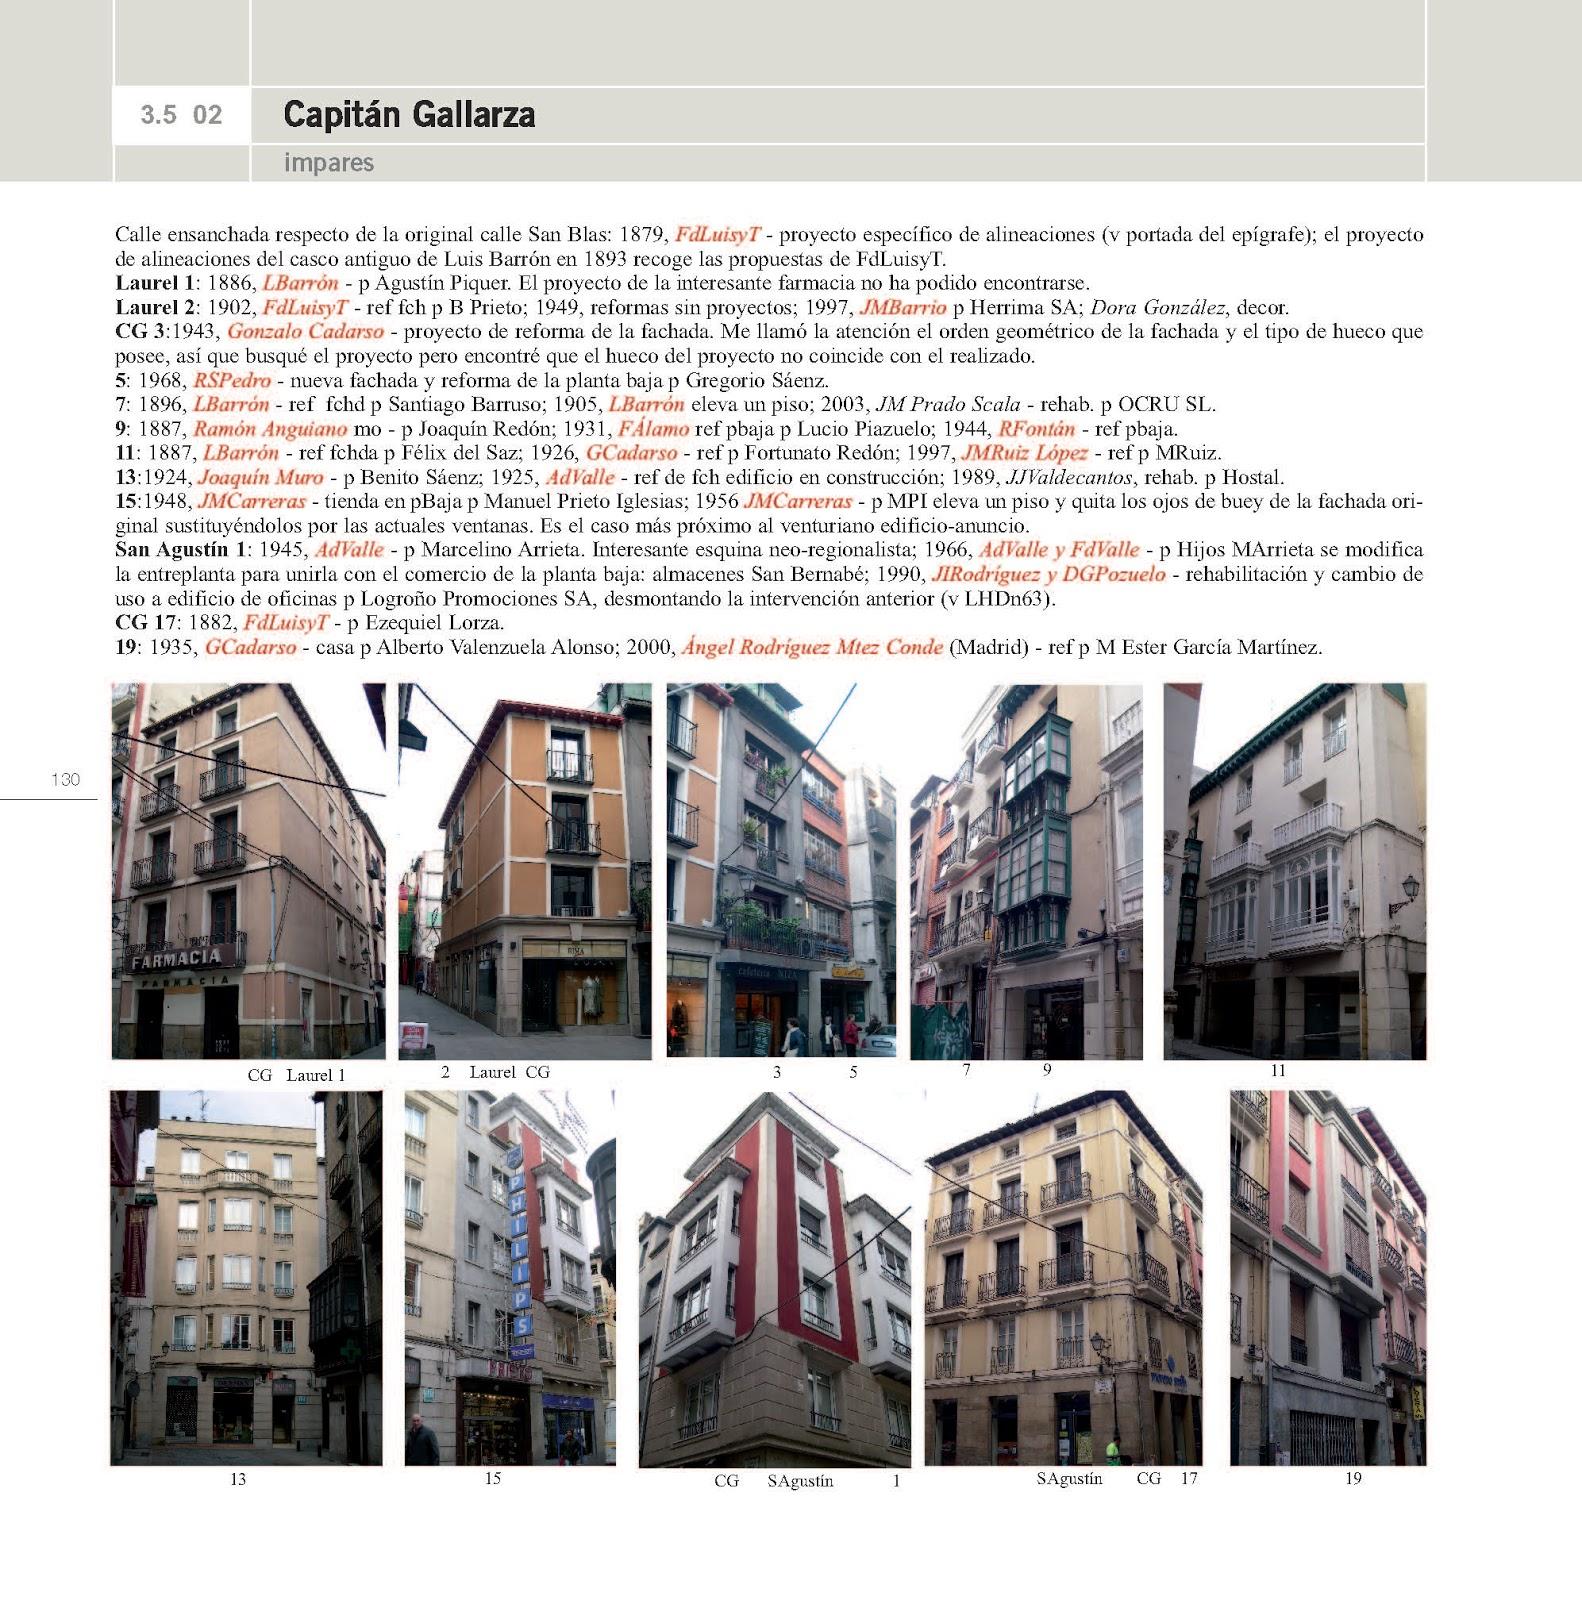 Guia de arquitectura de logro o paginas 3 5 02 capitan for Paginas arquitectura